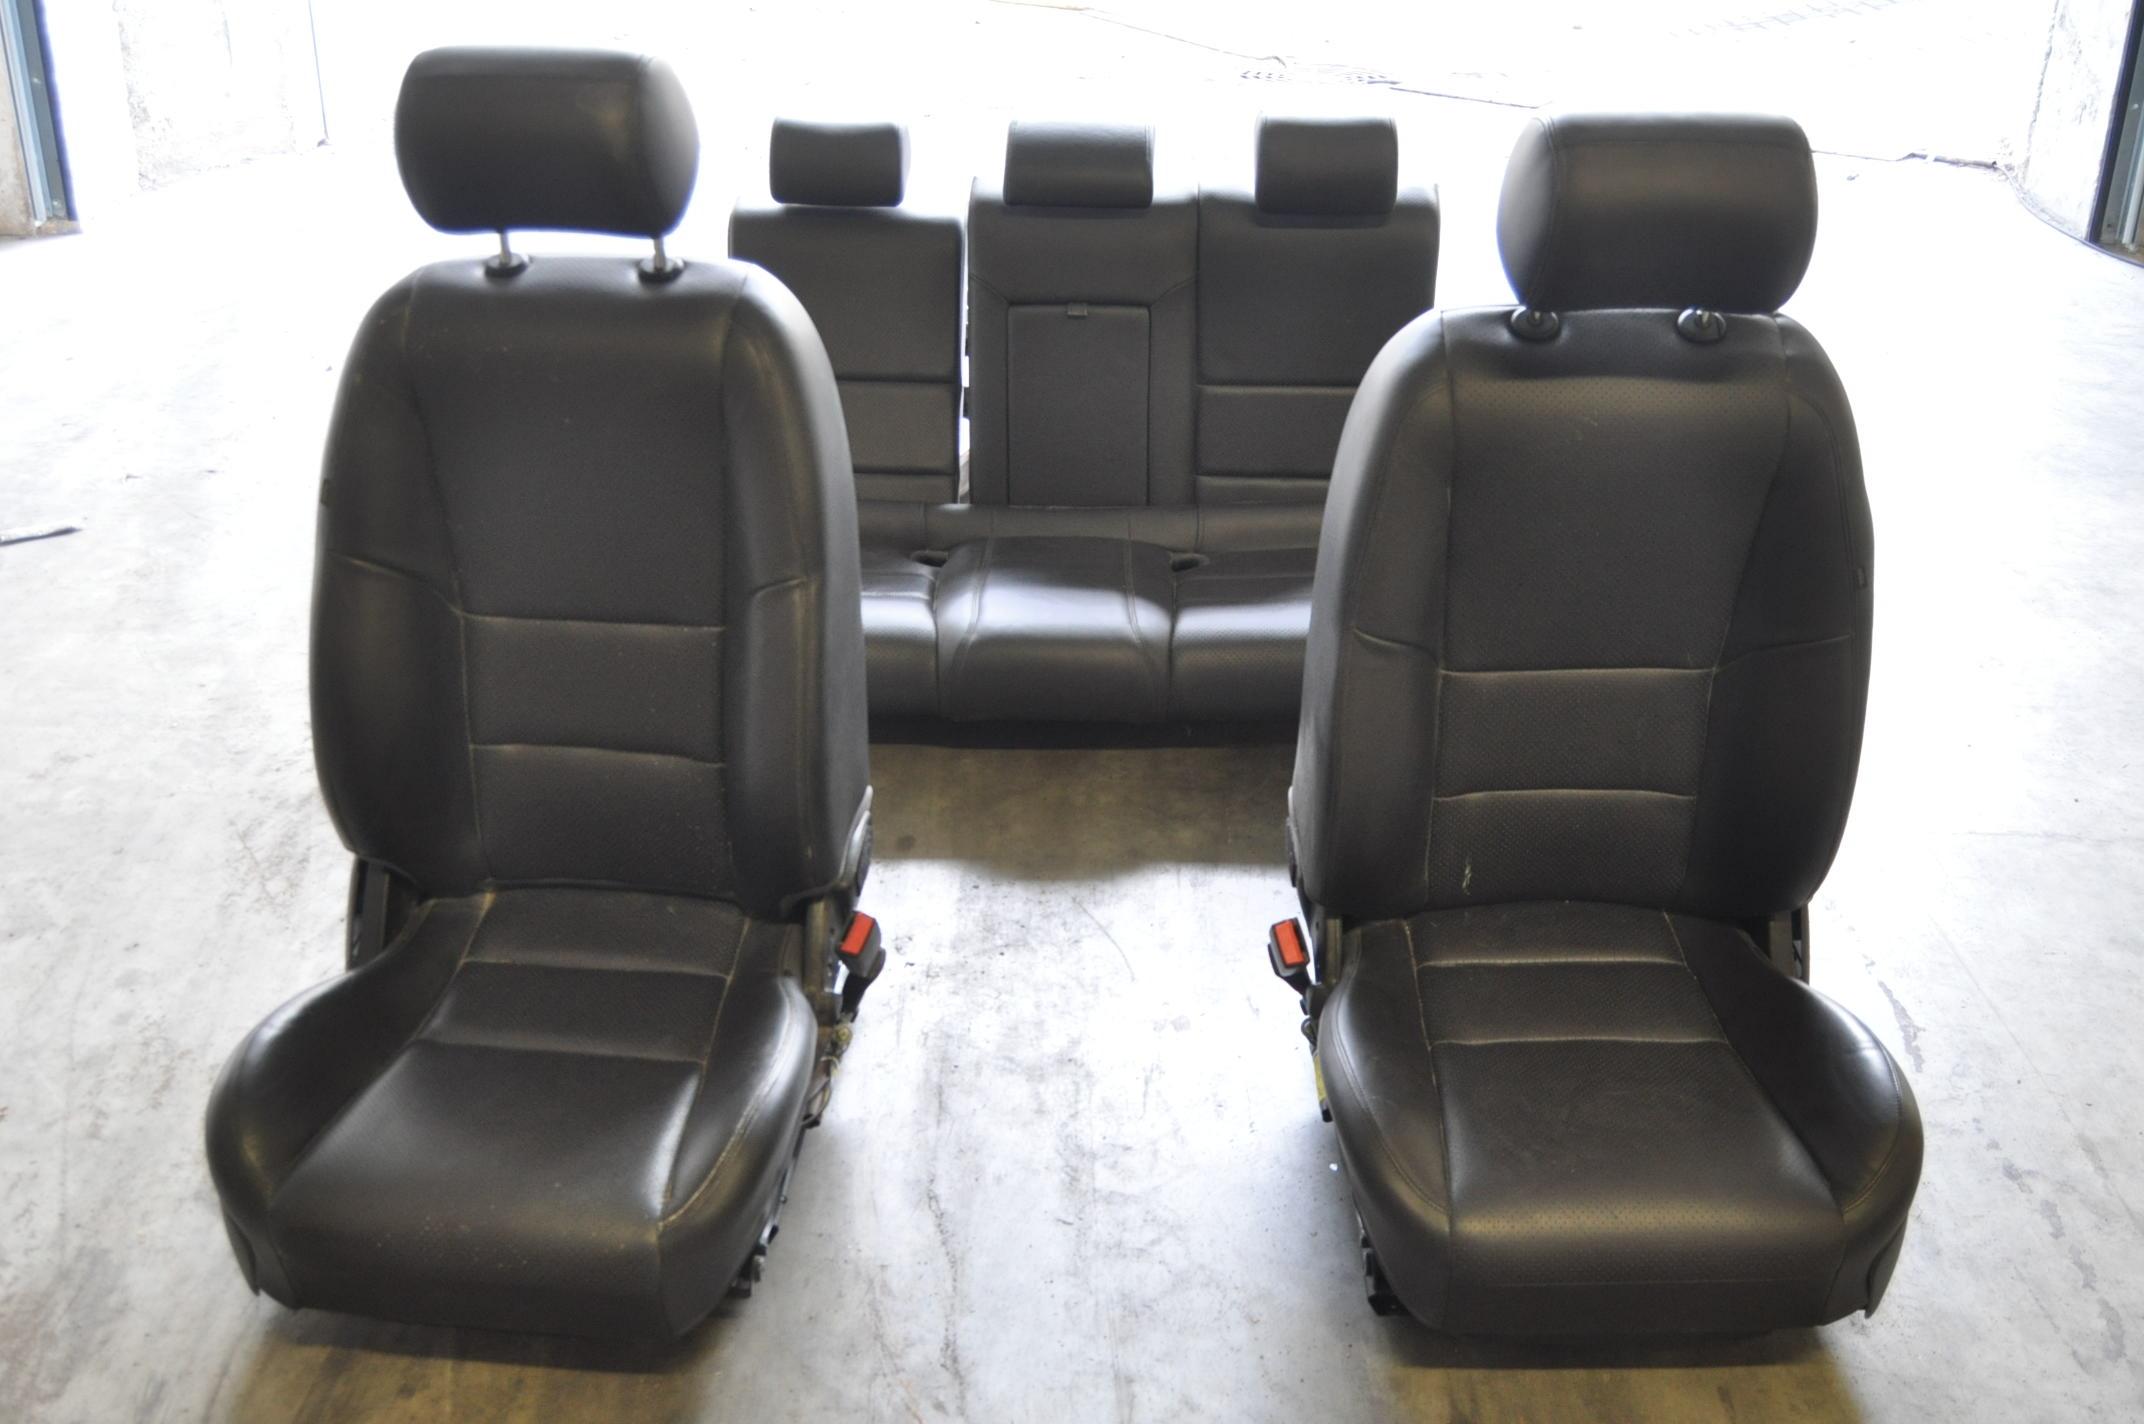 jaguar s type 2006 facelift rhd black leather interior seats ebay. Black Bedroom Furniture Sets. Home Design Ideas